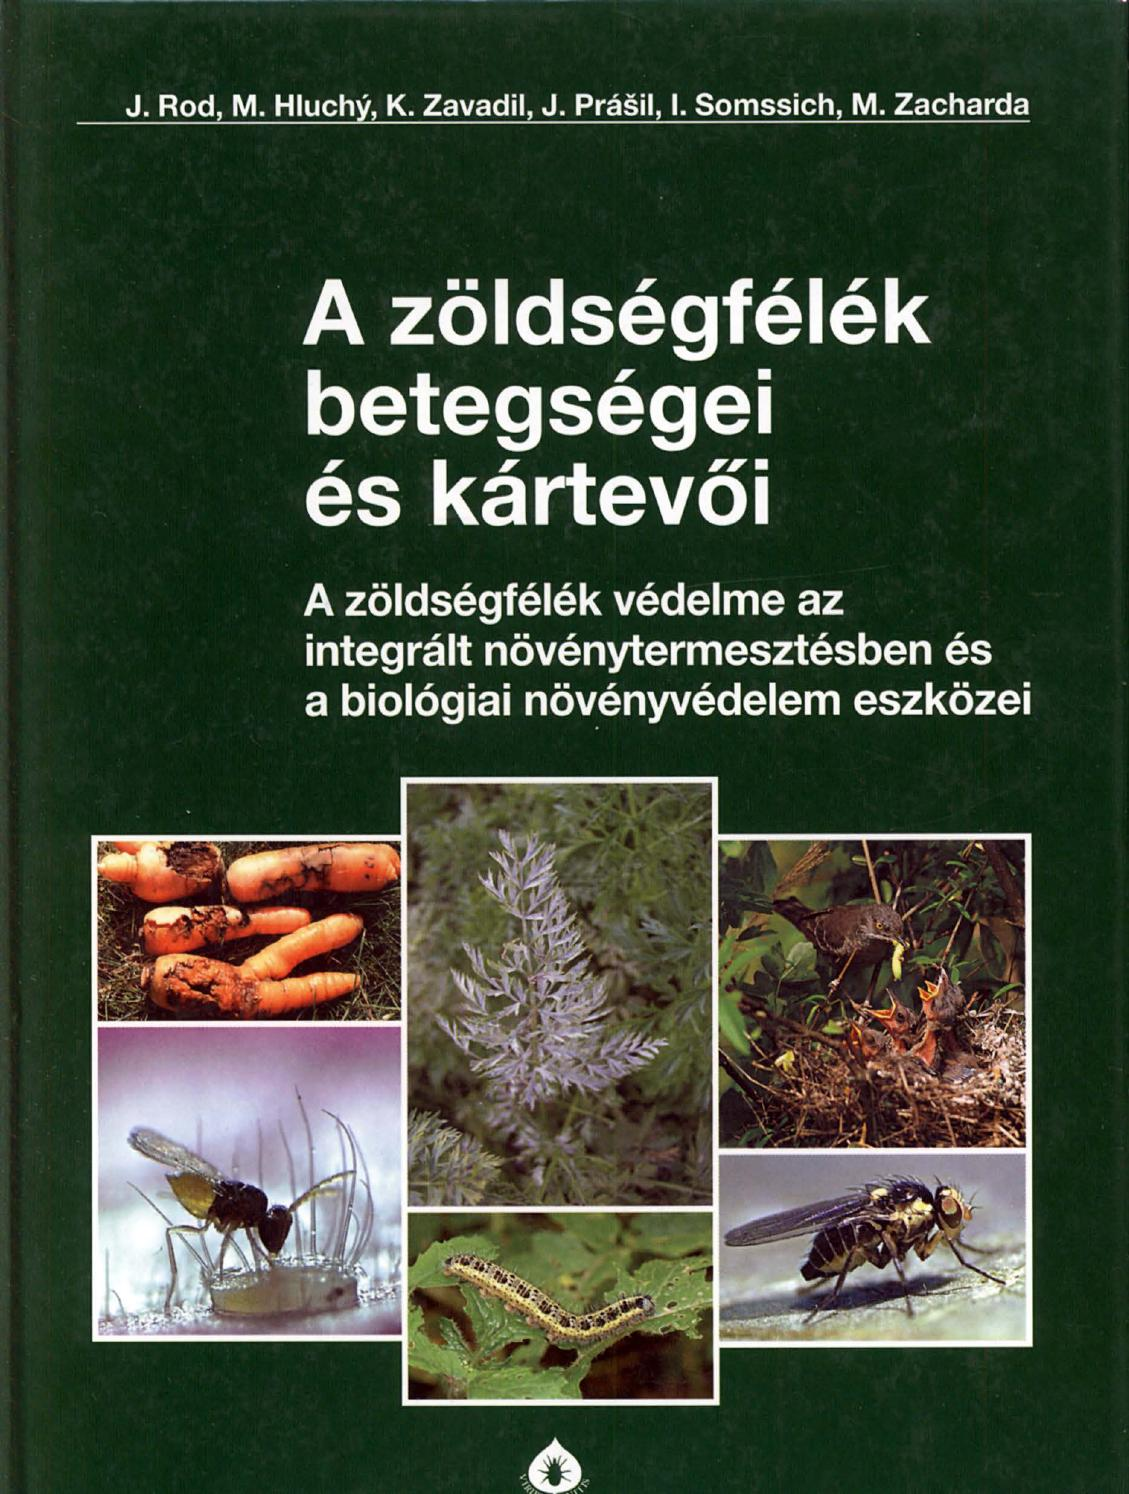 ektoparaziták ektoparaziták és kórokozók